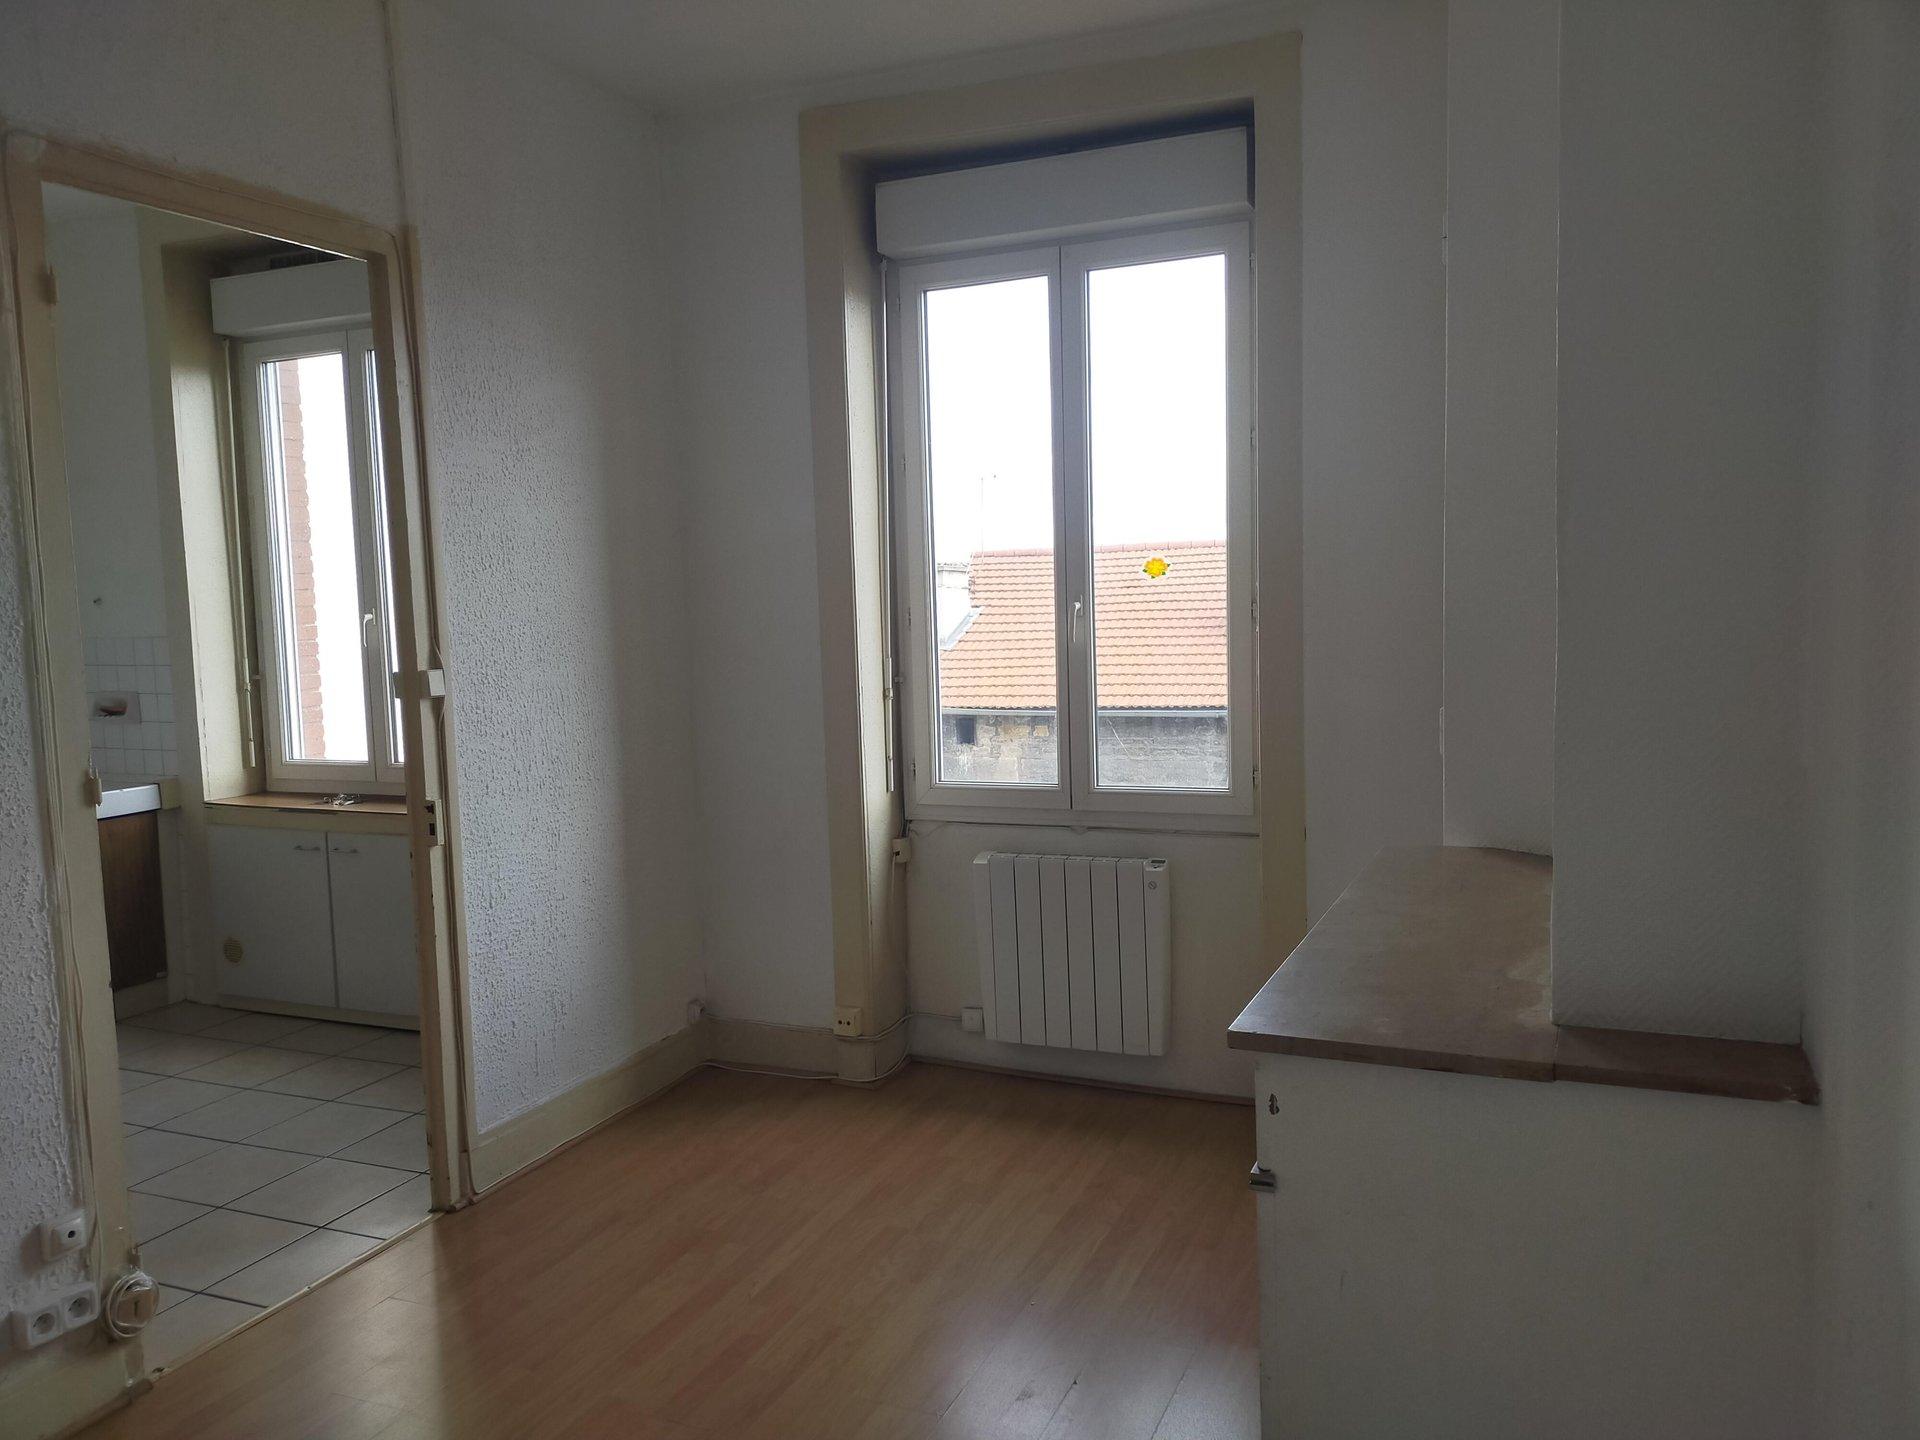 SAINT ETIENNE - Appartement T2 proche transport